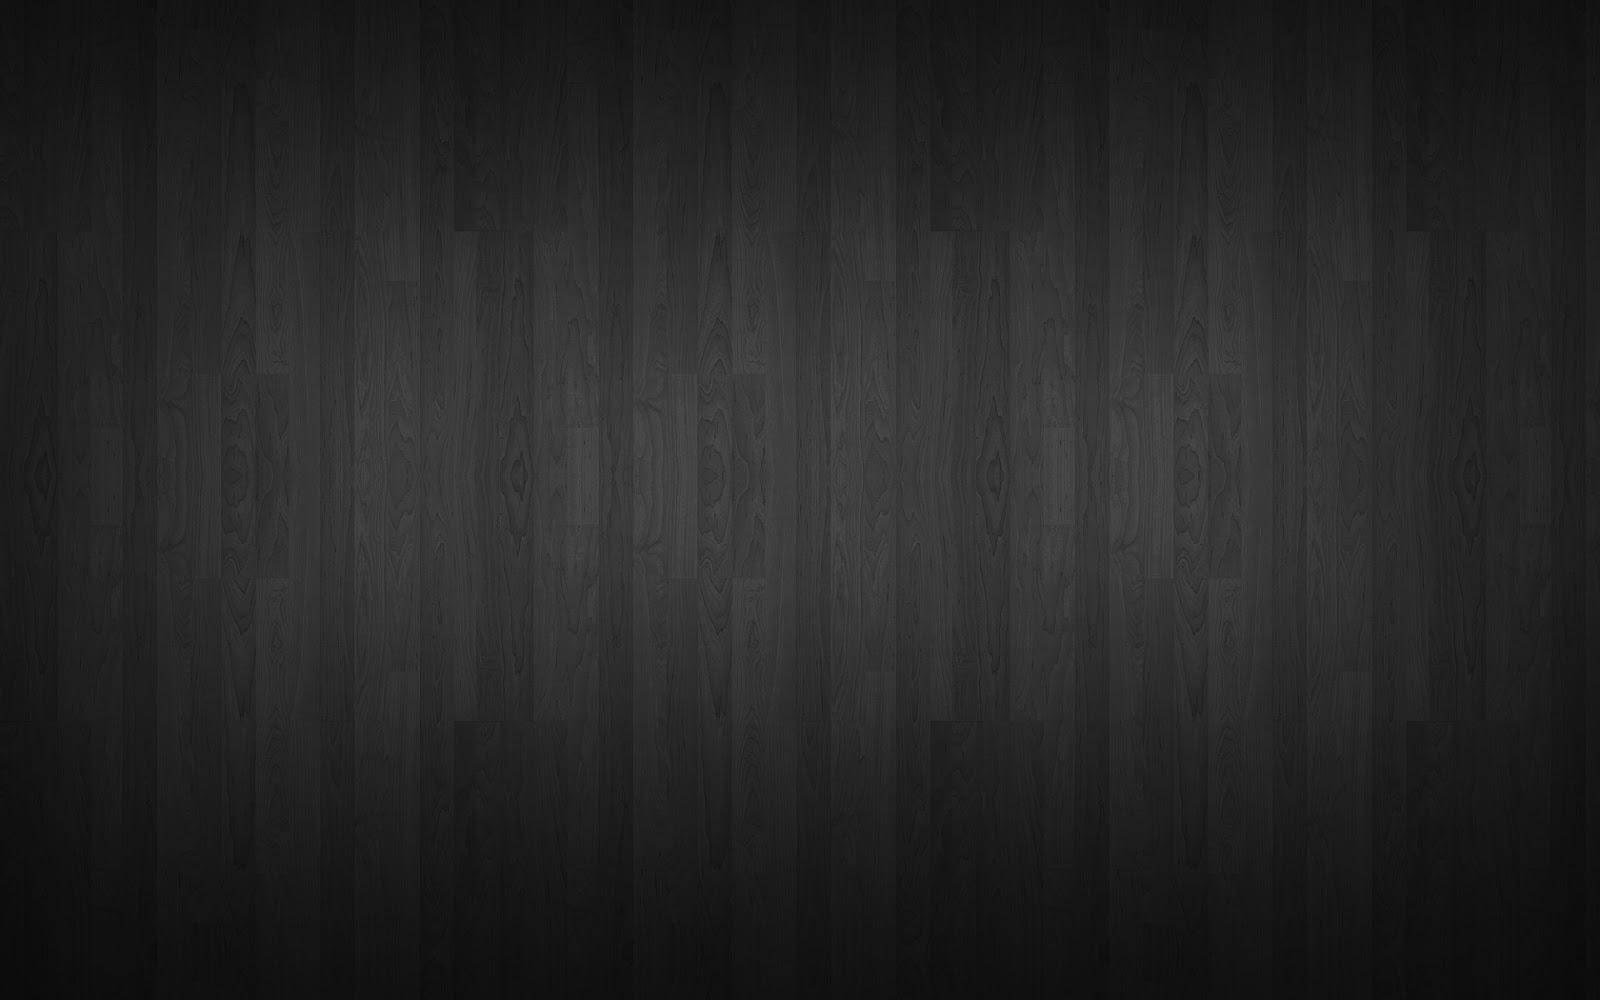 black wallpaper cool black wallpapers. Black Bedroom Furniture Sets. Home Design Ideas